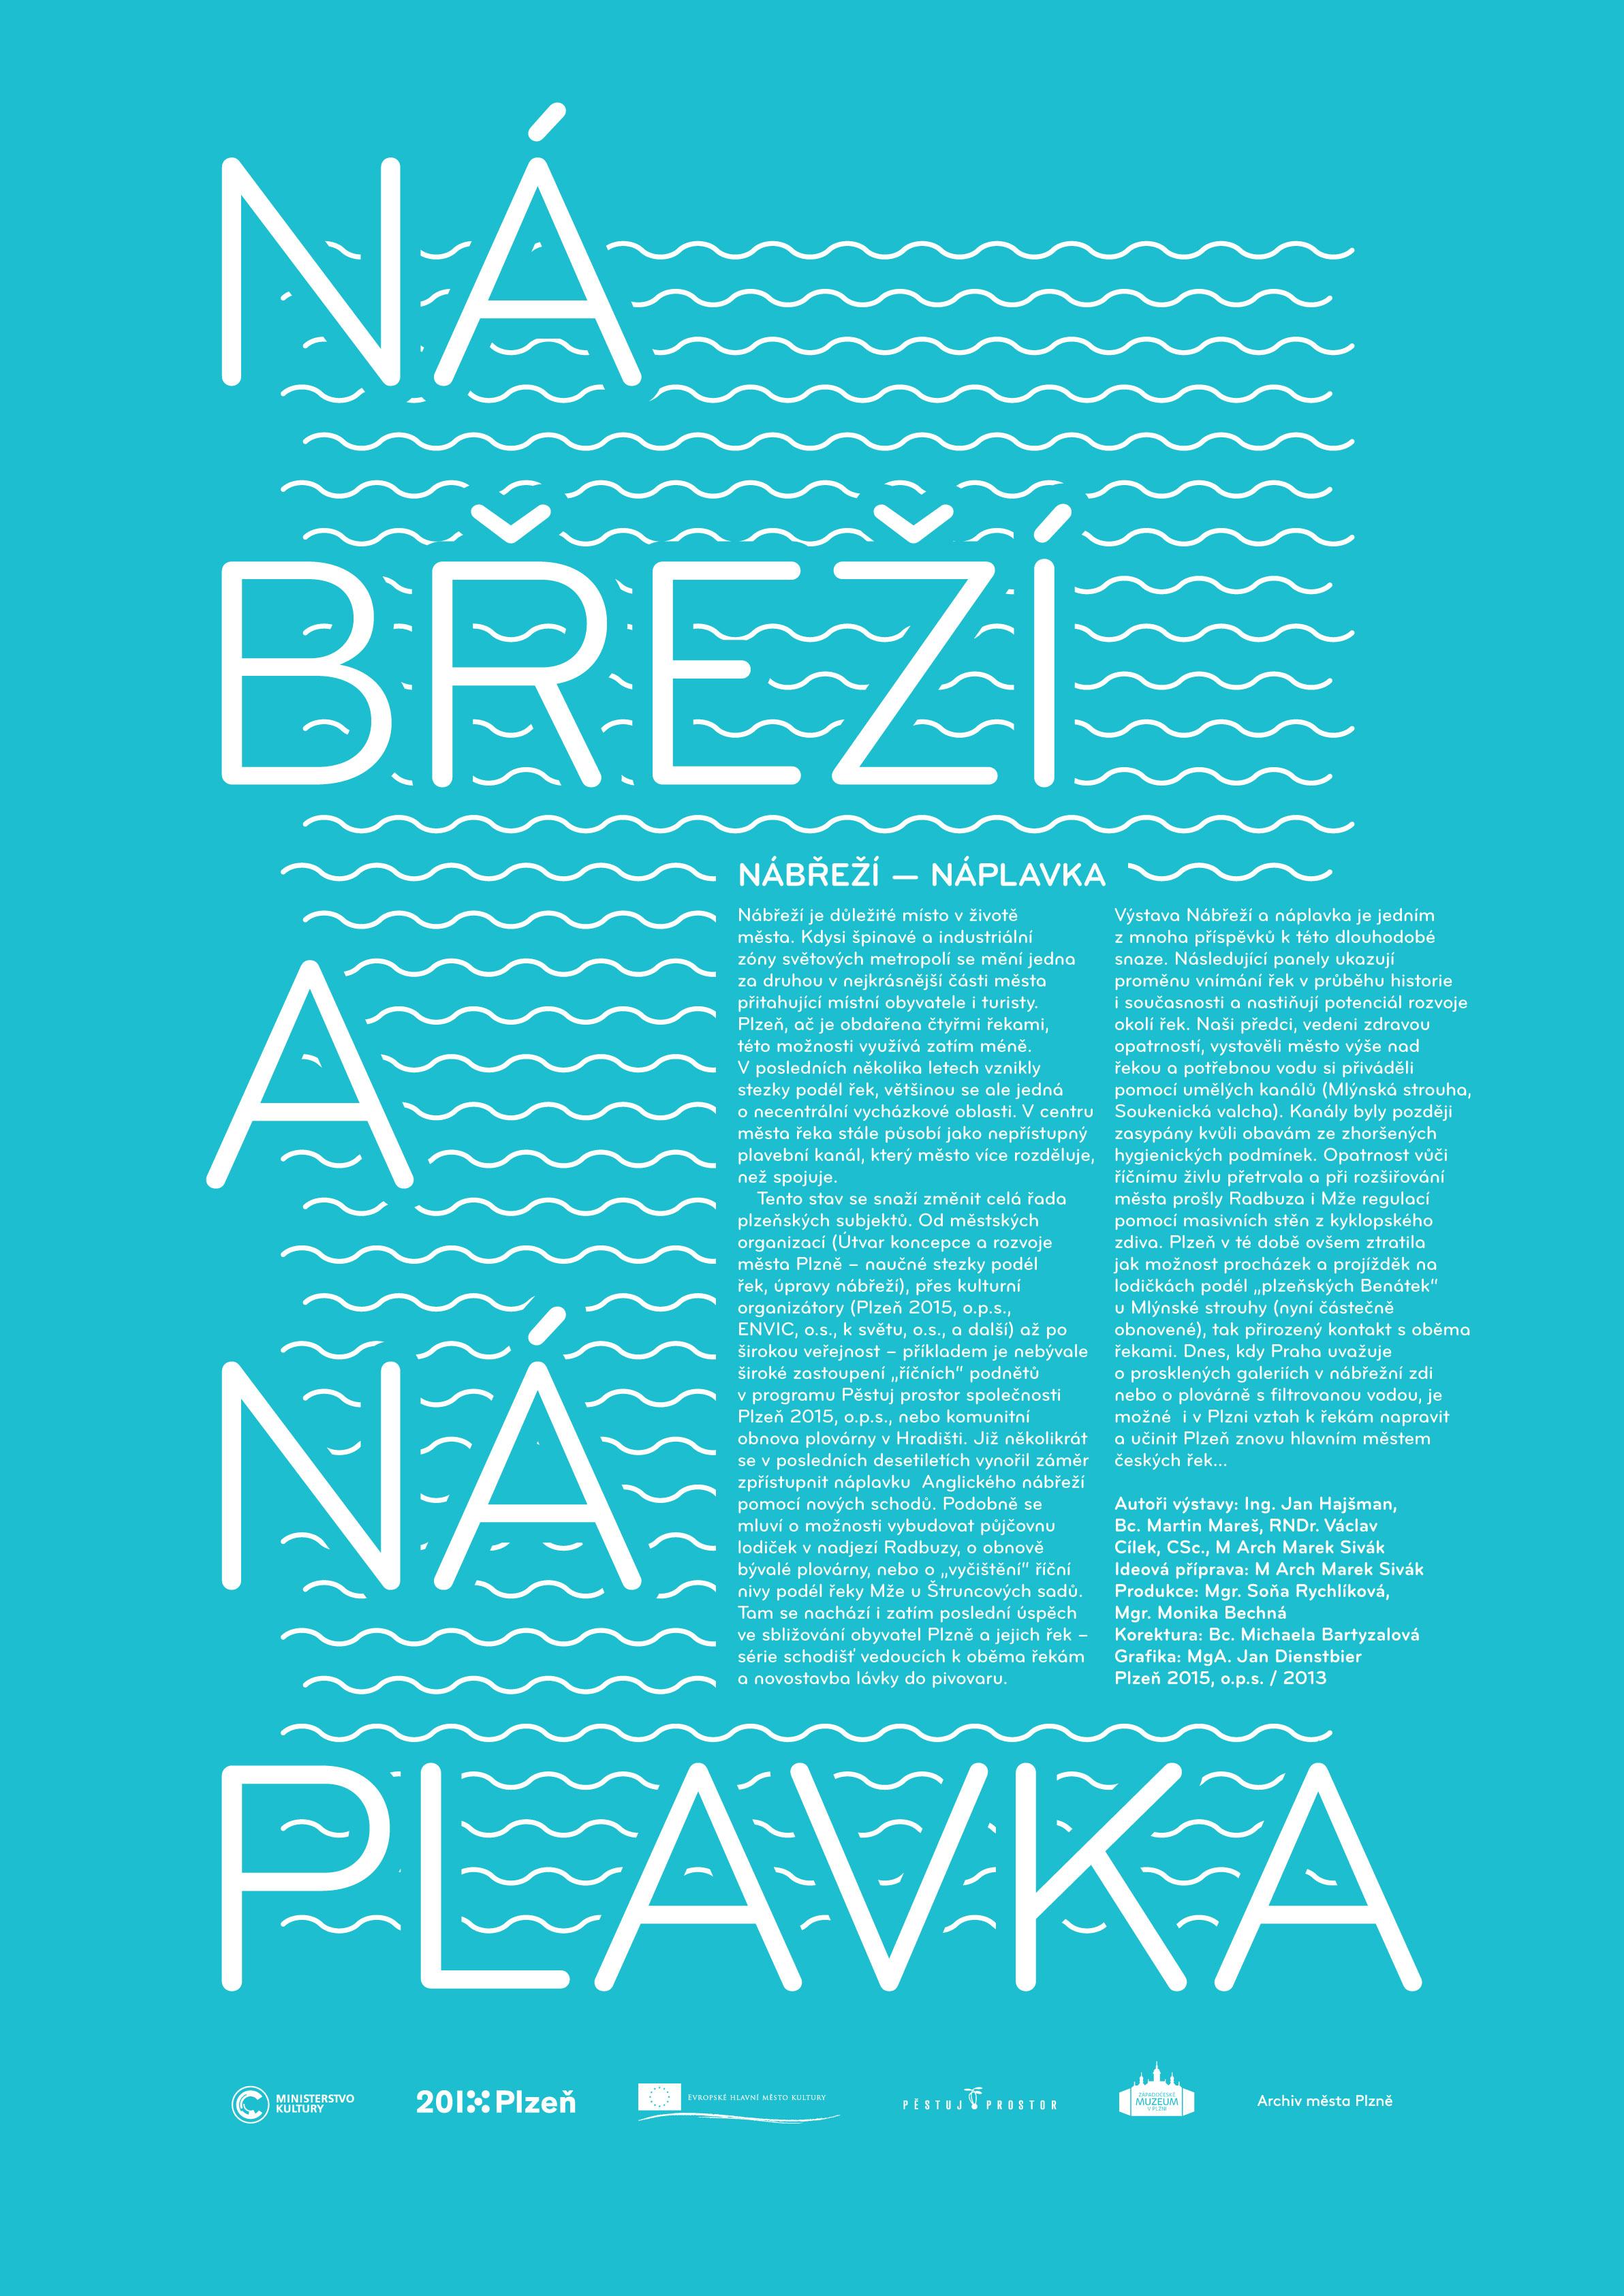 vystavaPlzen2015_nabreziNaplavka_01